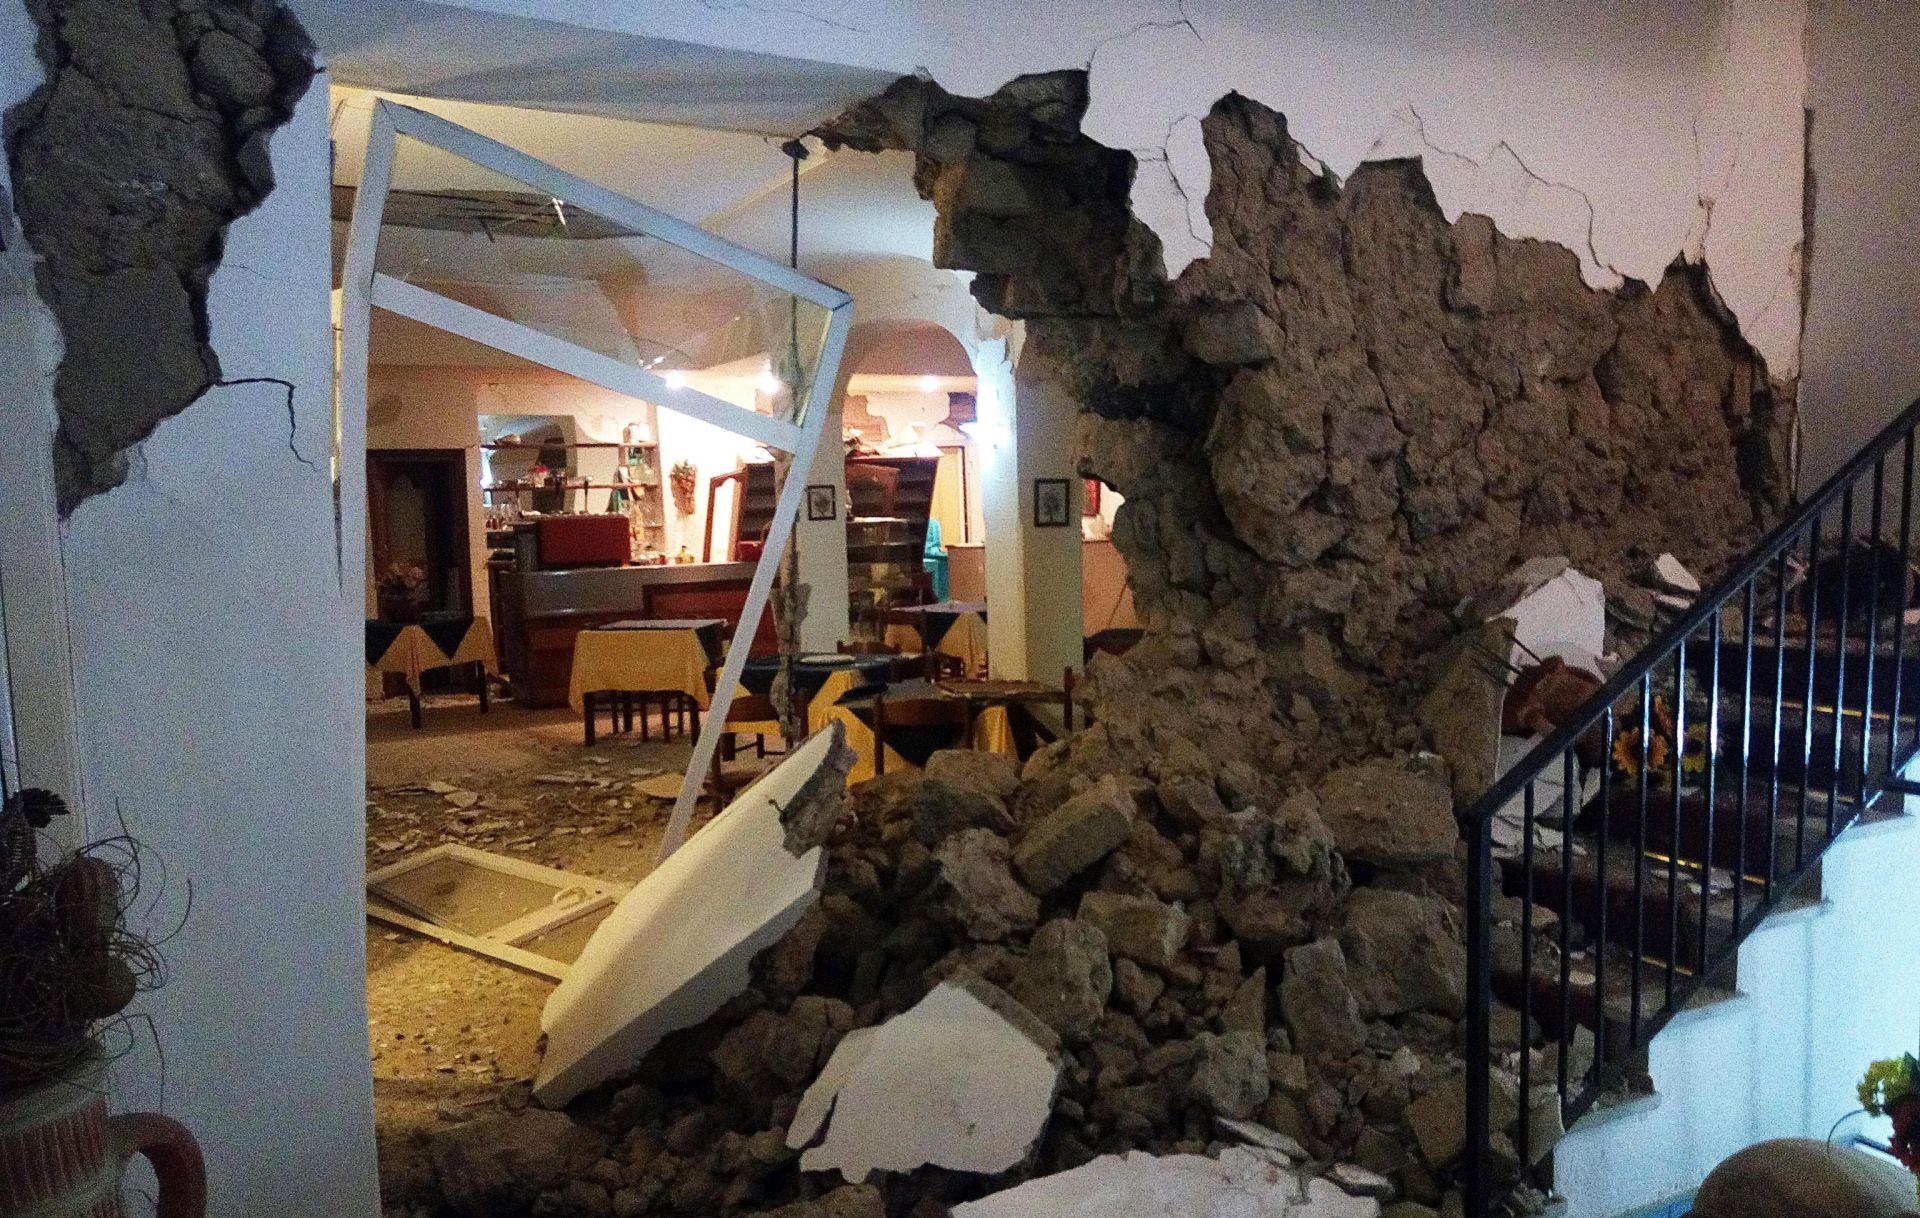 ITALIJA U potresu na otoku Ischia poginule dvije žene, 39 osoba ozlijeđeno